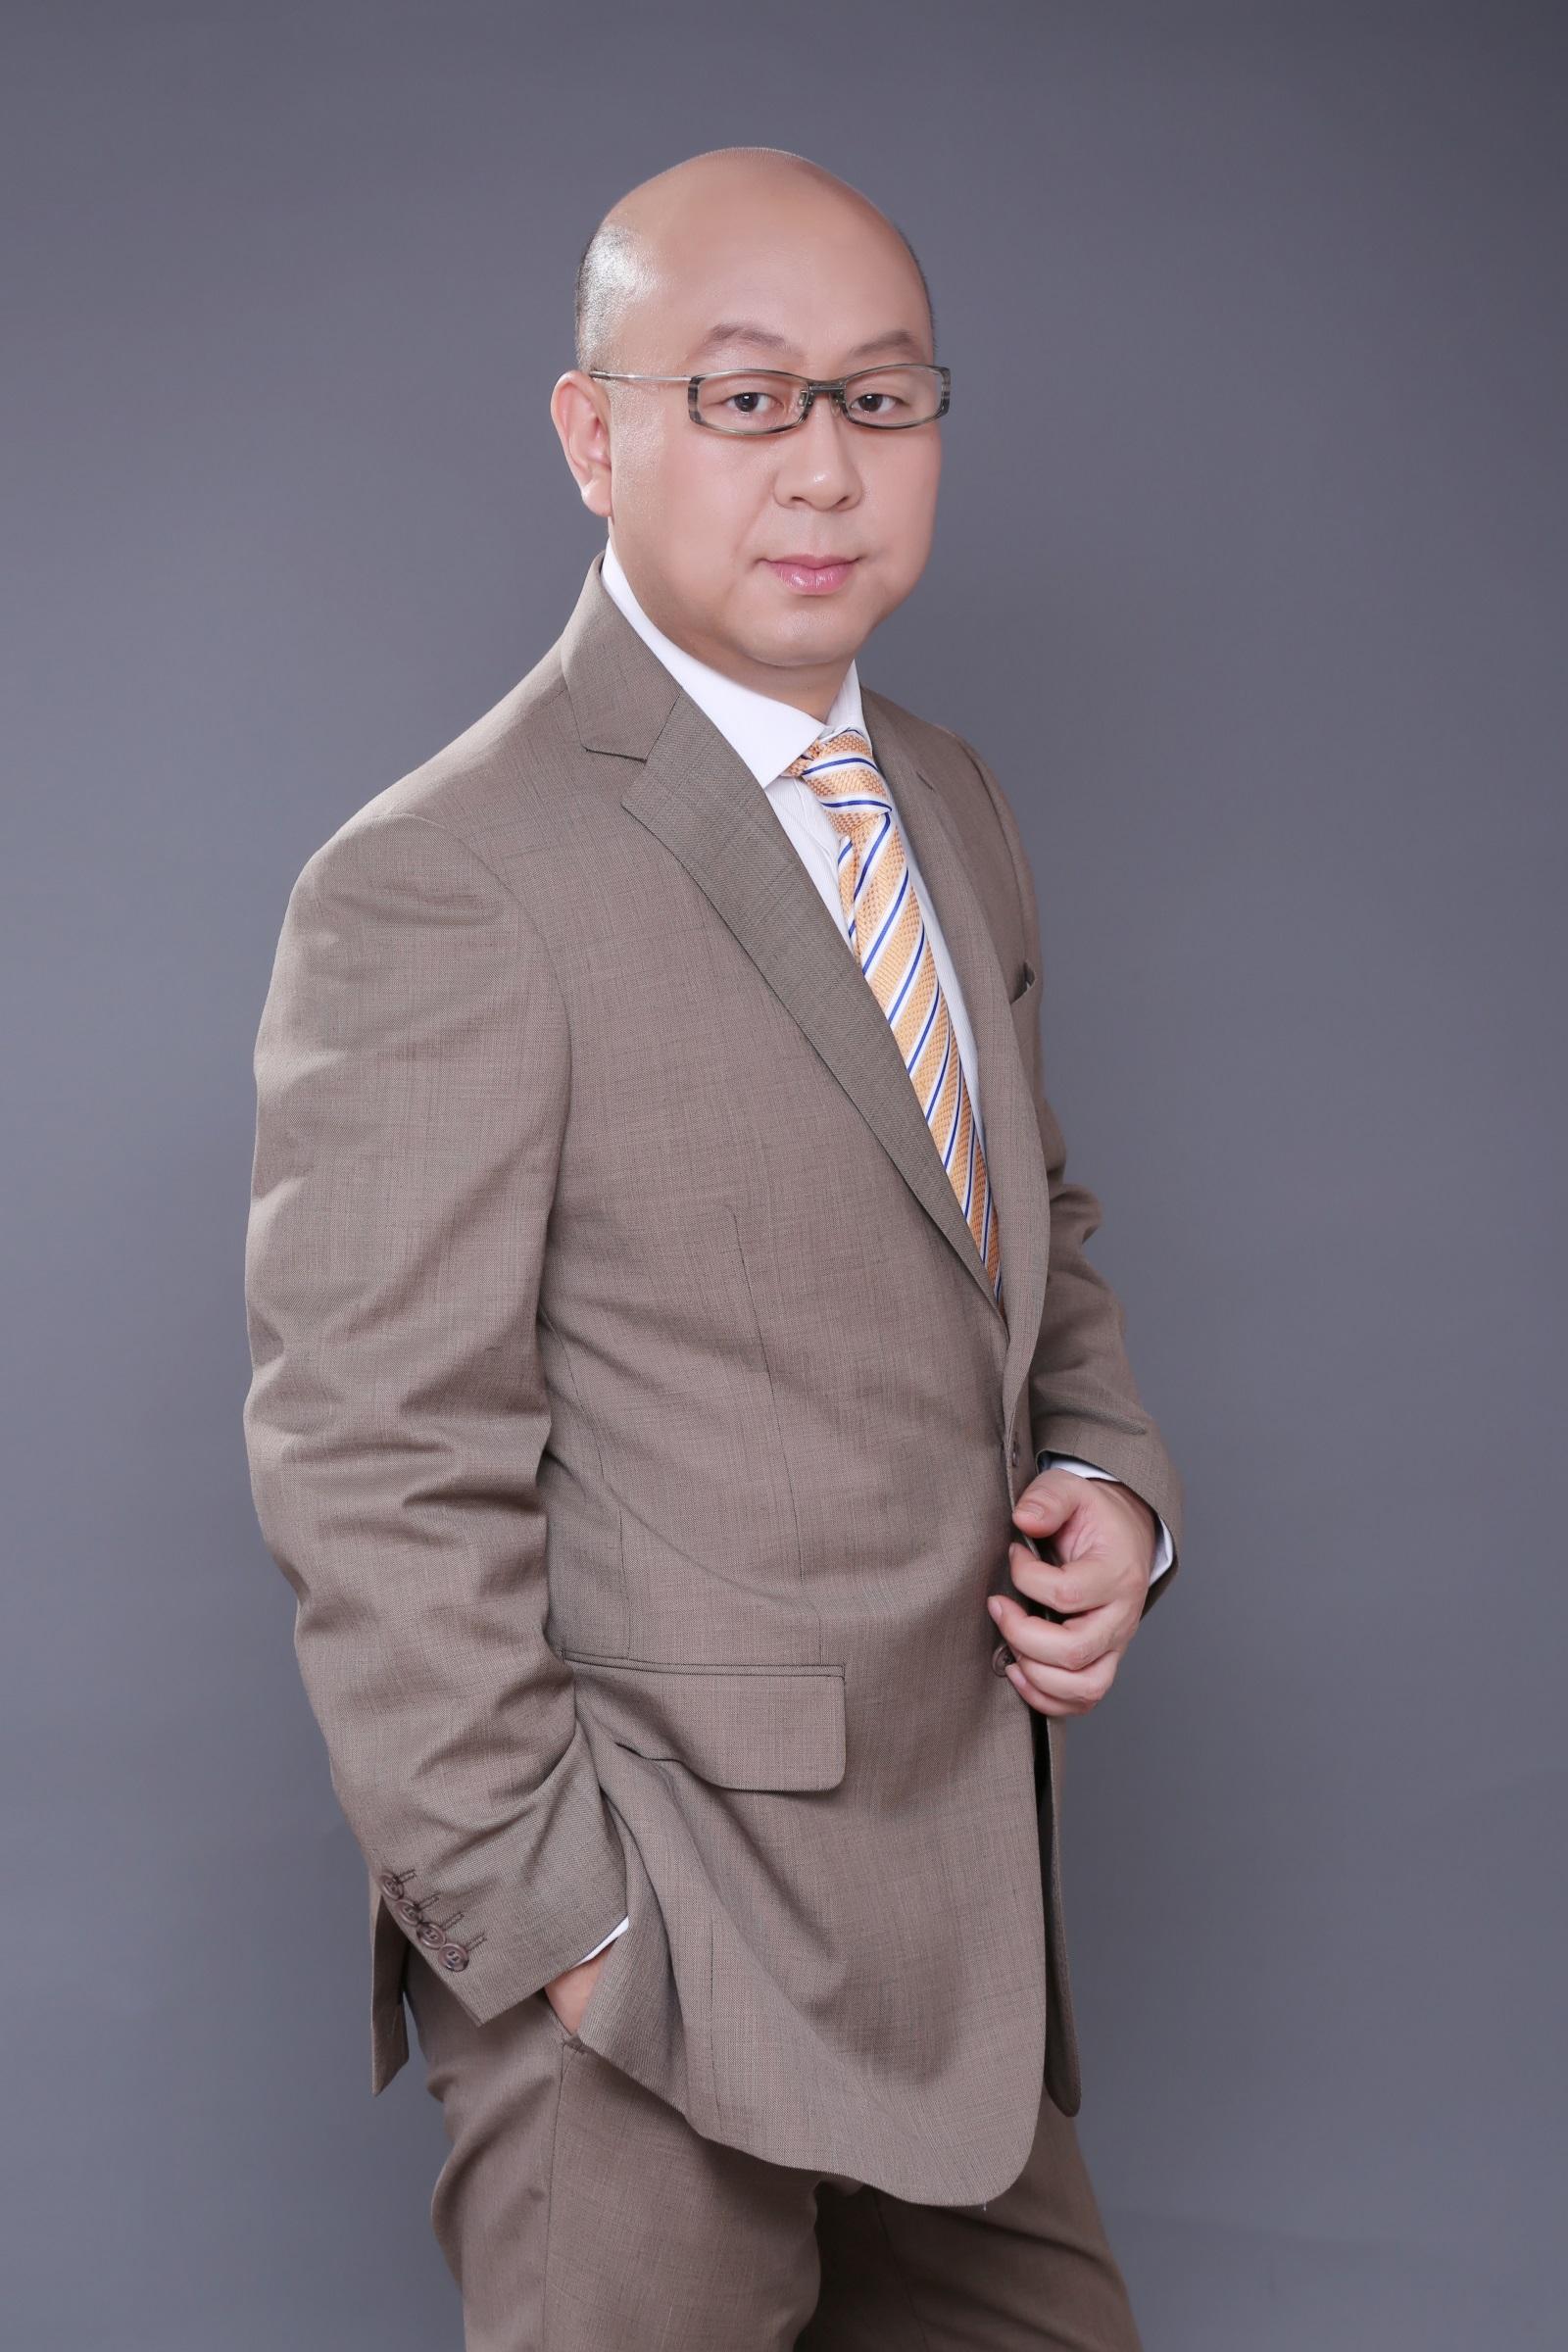 彩生活窦勇志:夯实基础业务  探索社区场景-中国网地产